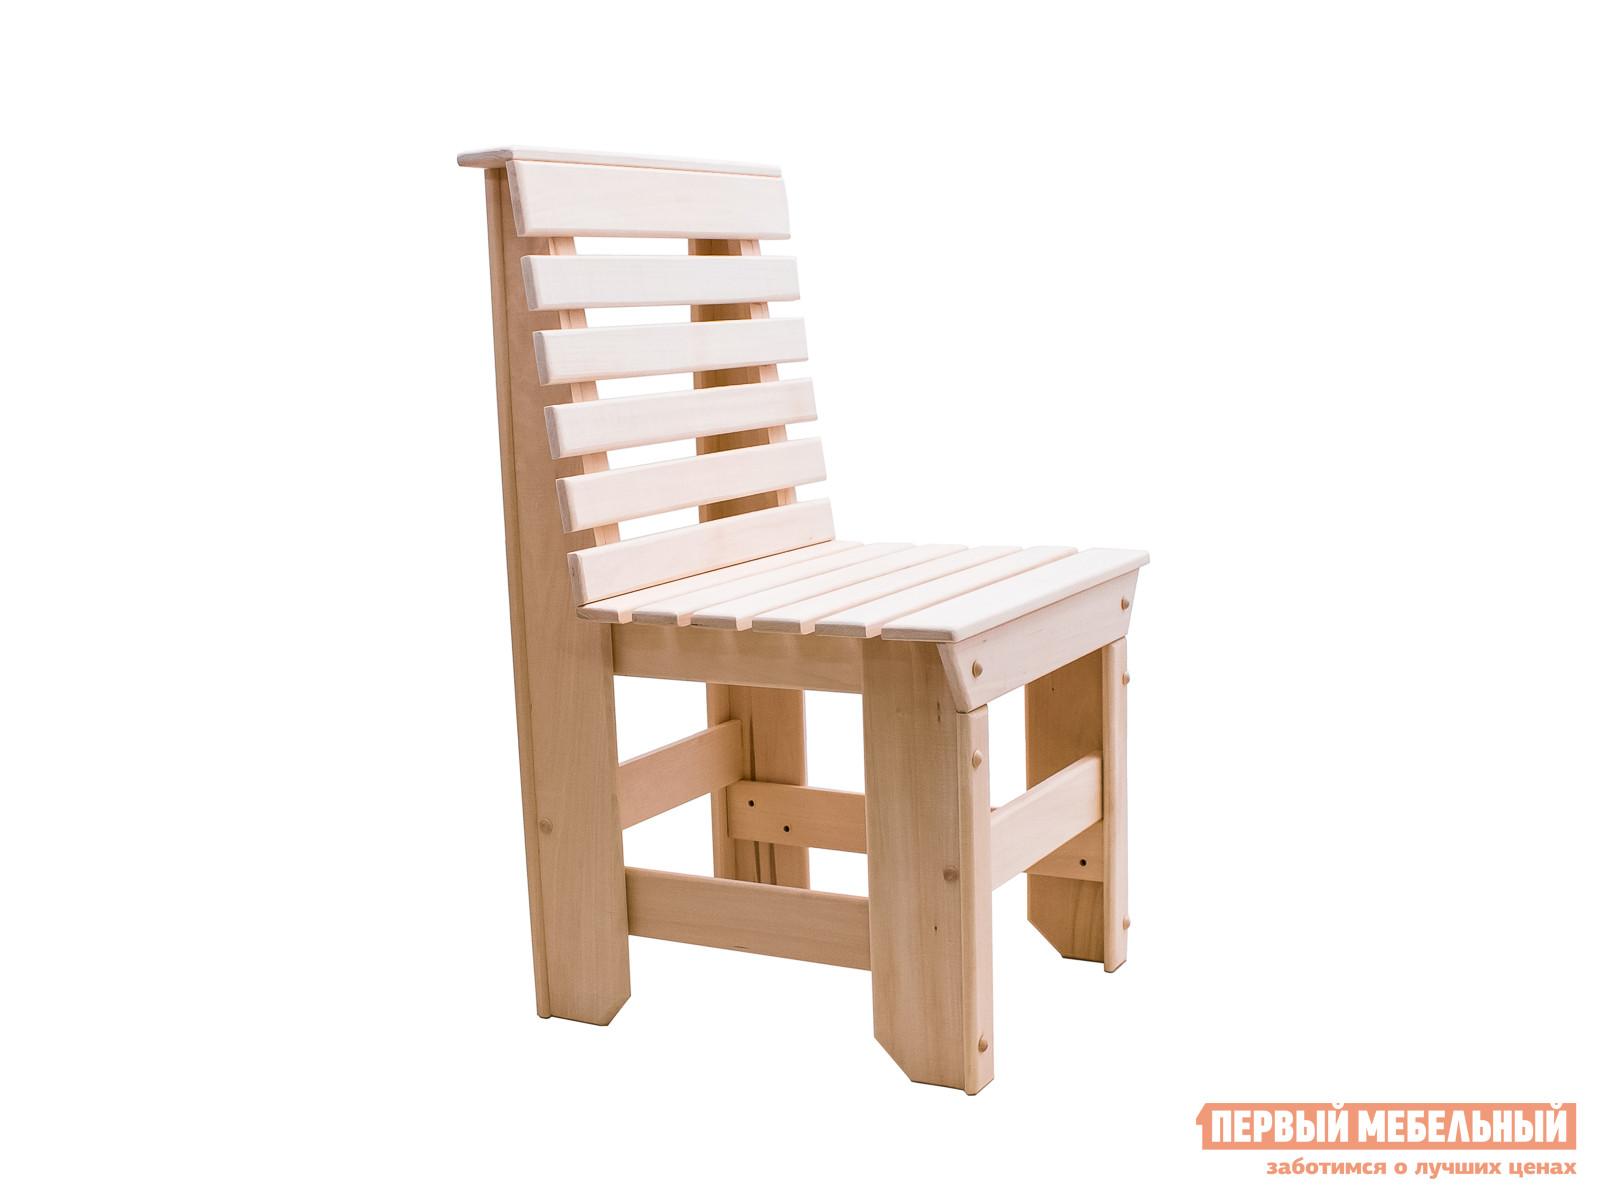 Садовое кресло ММ Тальдо ЛипаСадовые стулья и кресла<br>Габаритные размеры ВхШхГ 870x500x500 мм. Деревянный стул в лаконичном дизайне понравится любителям кантри или деревенского стиля в оформлении интерьера.  Спинка и сиденье сделаны из аккуратных, тщательно обработанных реек.  Тепло липовой древесины, из которой сделан стул, и ее приятный аромат будут оказывать самое благоприятное влияние на сидящего.  В дачном домике, на летней кухне, в беседке, в саду или в предбаннике несколько таких стульев вокруг, например, круглого стола наполнят окружающую обстановку уютными штрихами. Ножки стула соединены дополнительными планками, которые обеспечивают надежную устойчивость изделию.  Стул доставляется в уже собранном виде и весит всего 7 кг.  Вы легко сможете его перенести из домика на террасу или на улицу. Древесный материал при изготовлении стула не обрабатывается химическими веществами, что исключает выделение вредных испарений от мебельного изделия под влиянием высоких температур.  Для использования стула на открытом воздухе, изделие рекомендуется покрывать влагостойкими средствами.<br><br>Цвет: Светлое дерево<br>Высота мм: 870<br>Ширина мм: 500<br>Глубина мм: 500<br>Кол-во упаковок: 1<br>Форма поставки: В собранном виде<br>Срок гарантии: 3 месяца<br>Материал: Массив дерева<br>Порода дерева: Липа<br>С жестким сиденьем: Да<br>Без подлокотников: Да